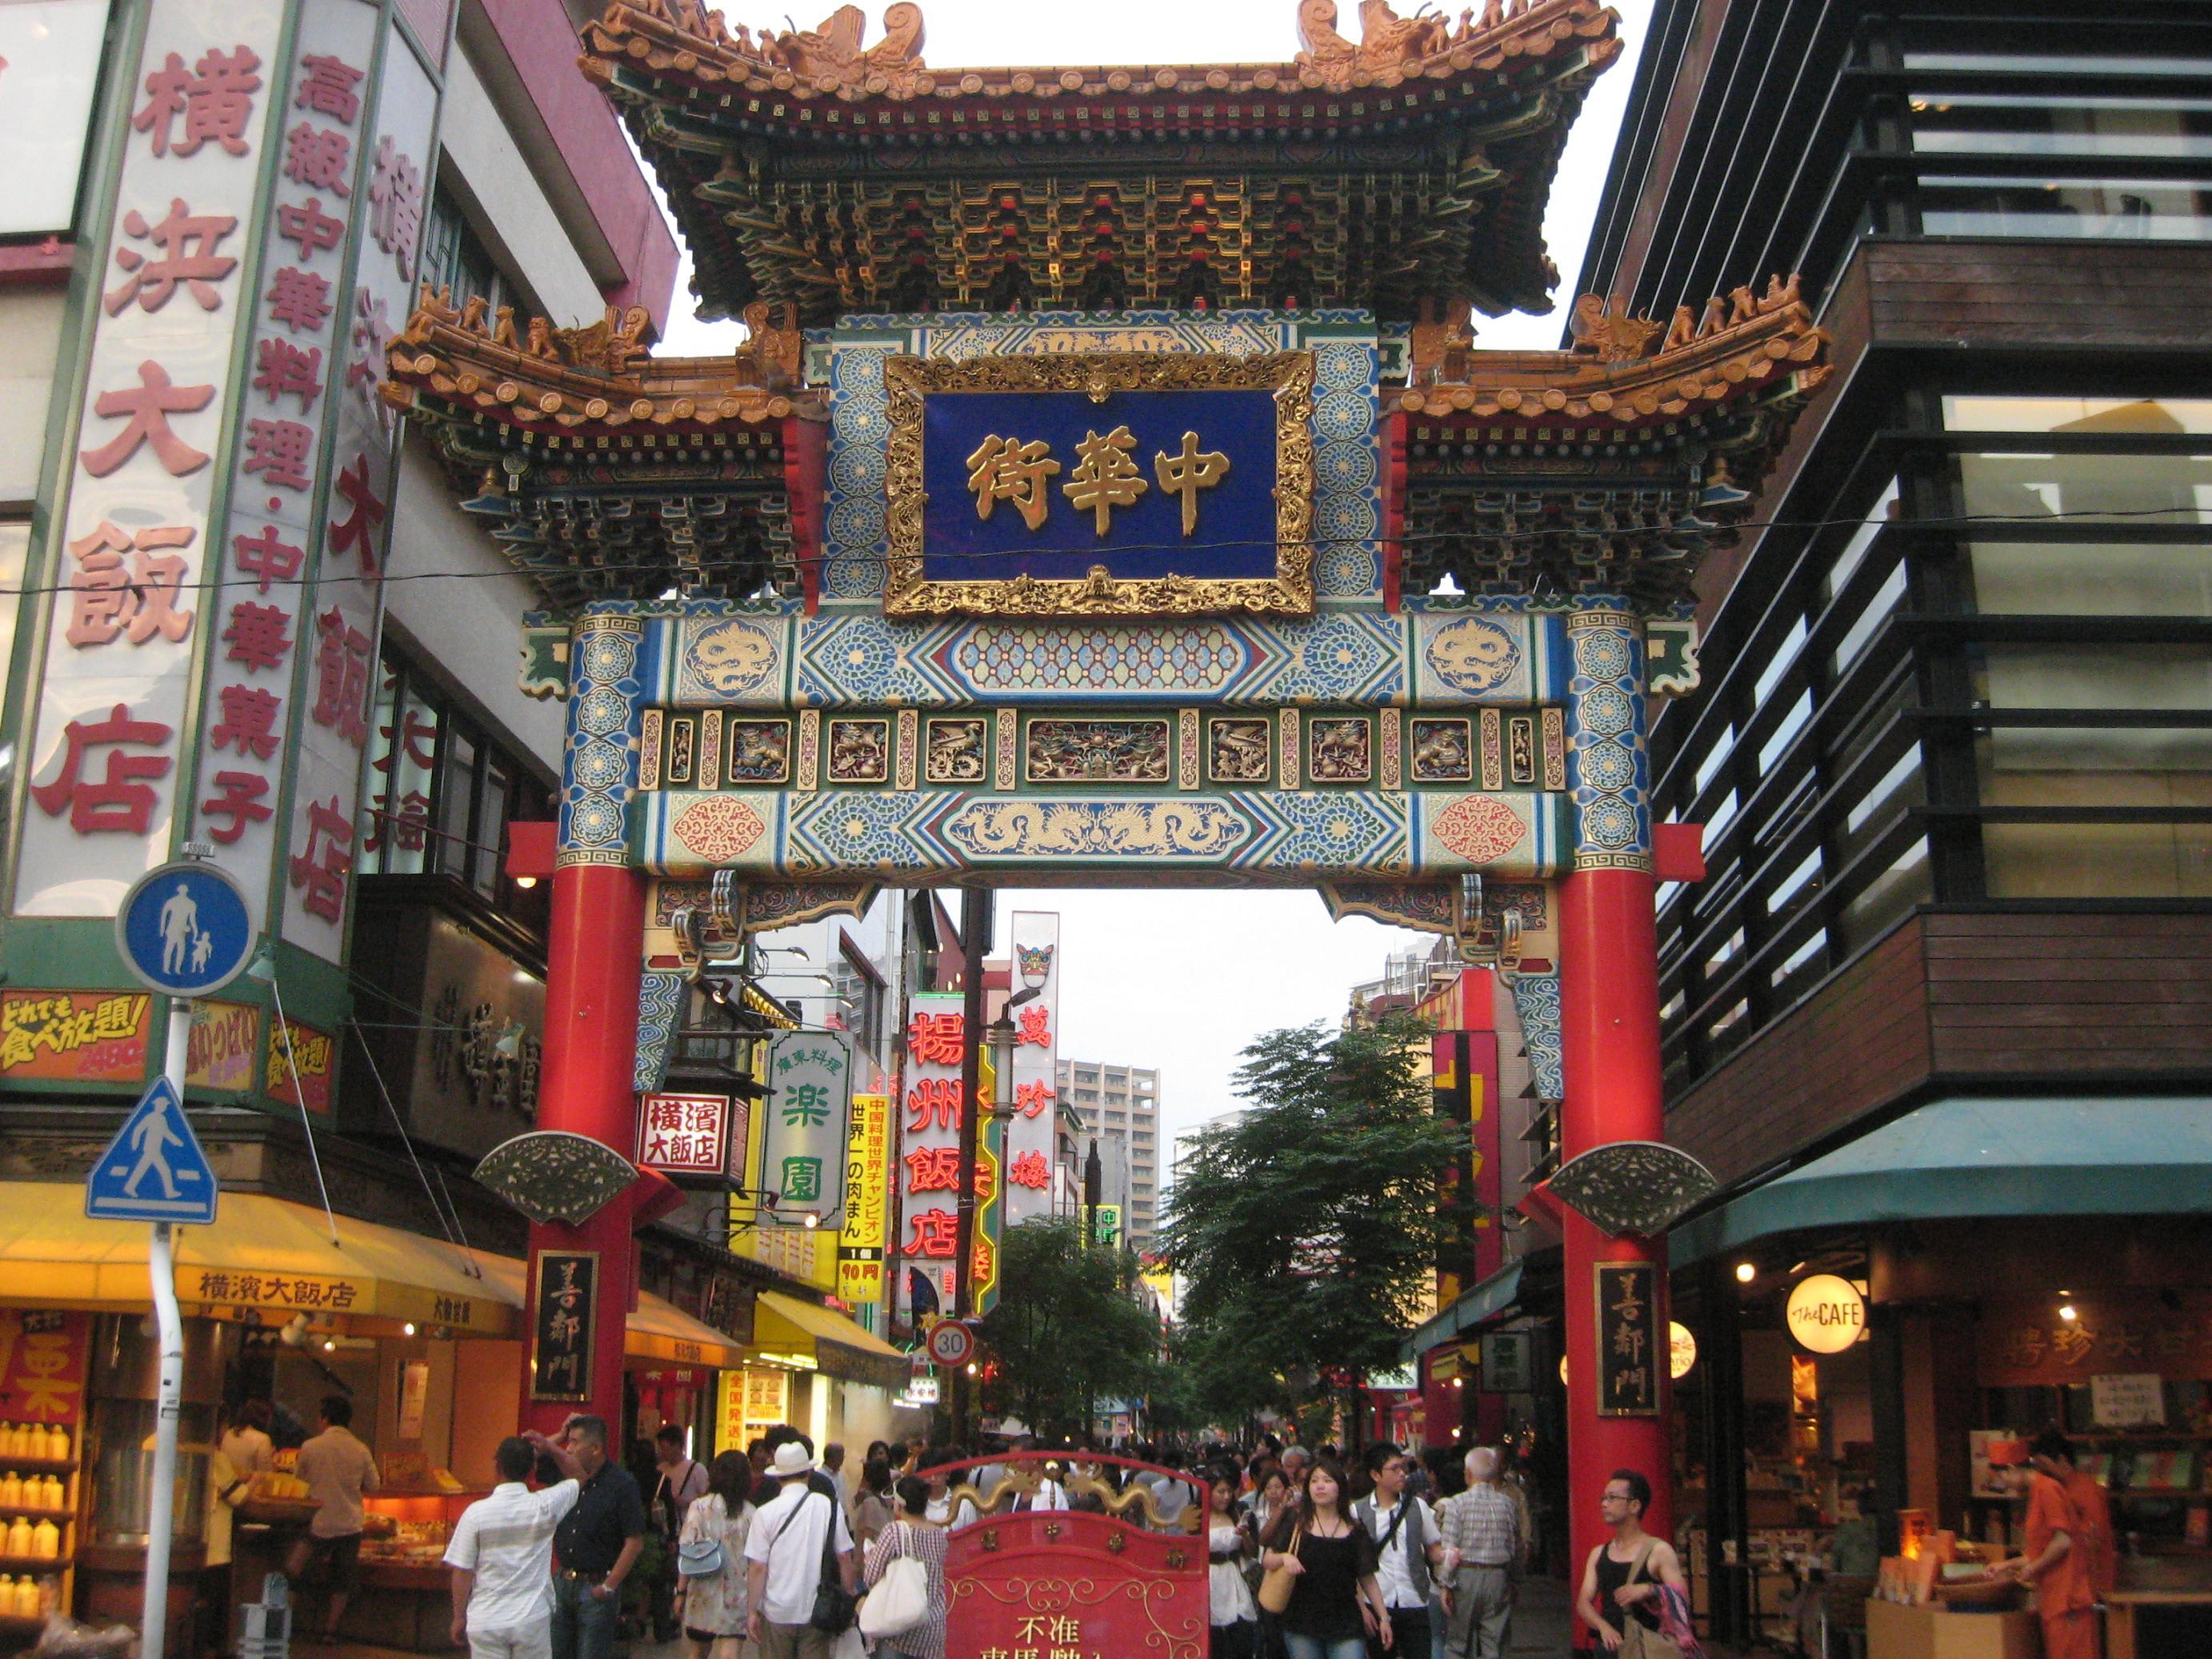 中華街 中華料理 (すべて)人気ランキングTOP20(1 …